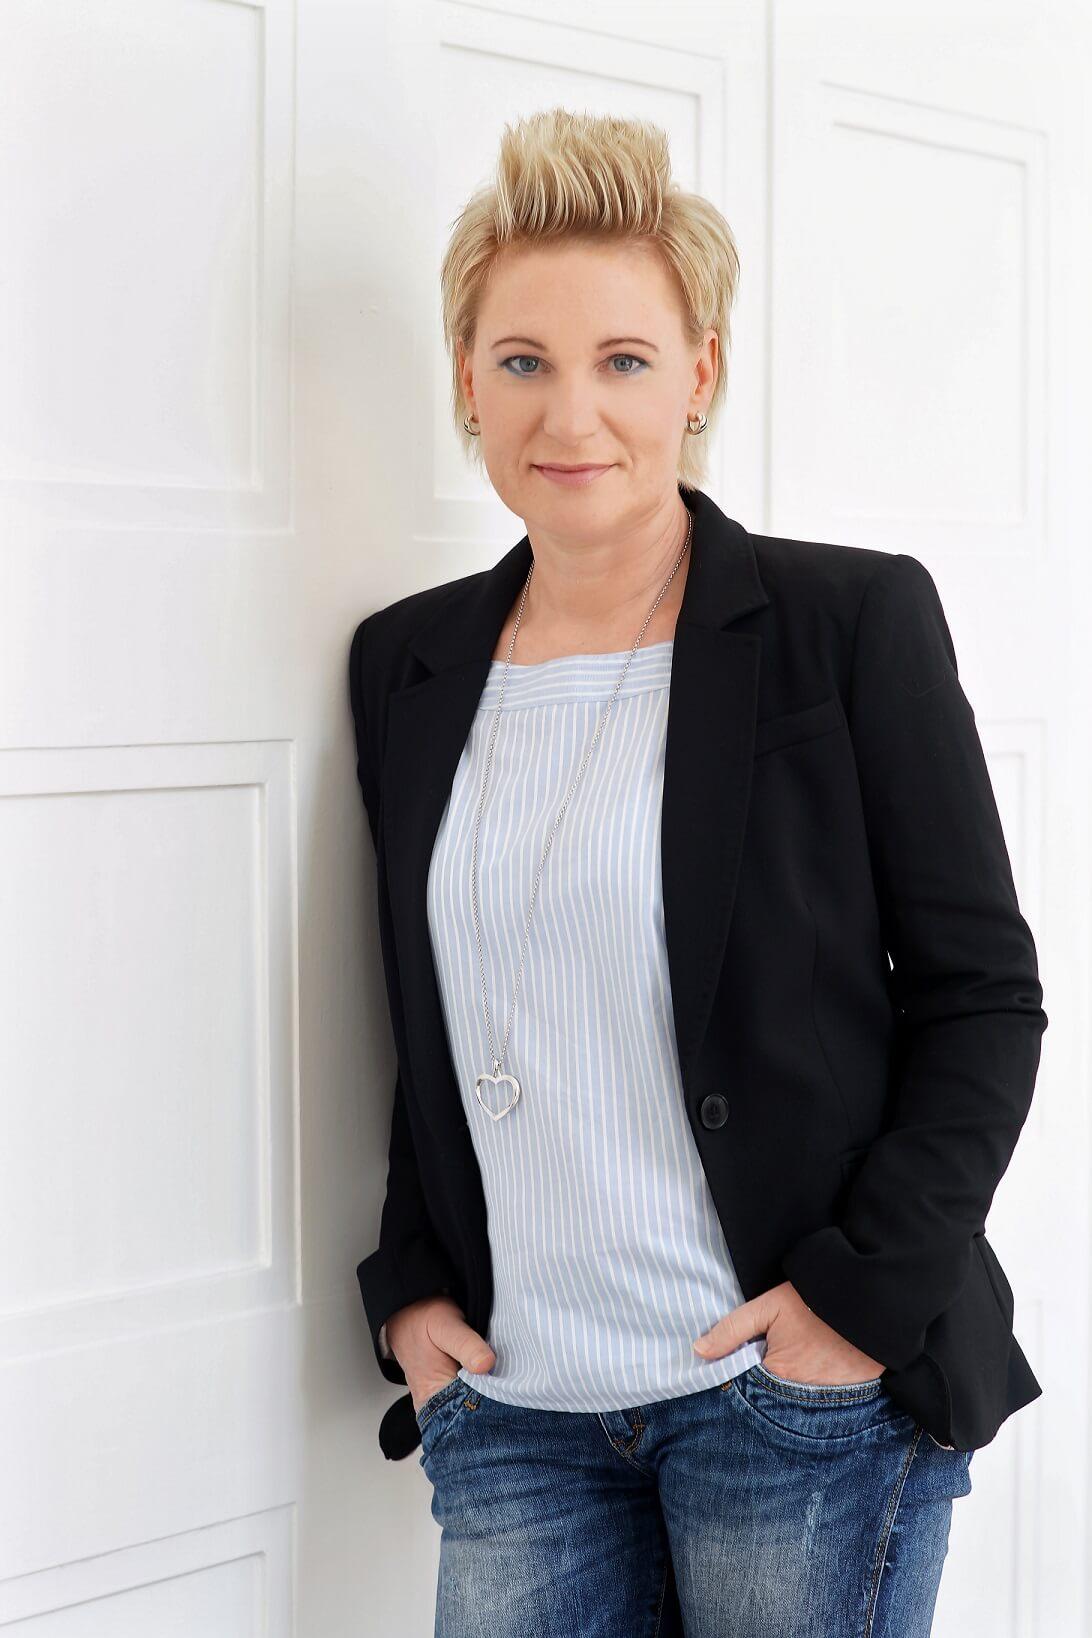 Katja Kaiser